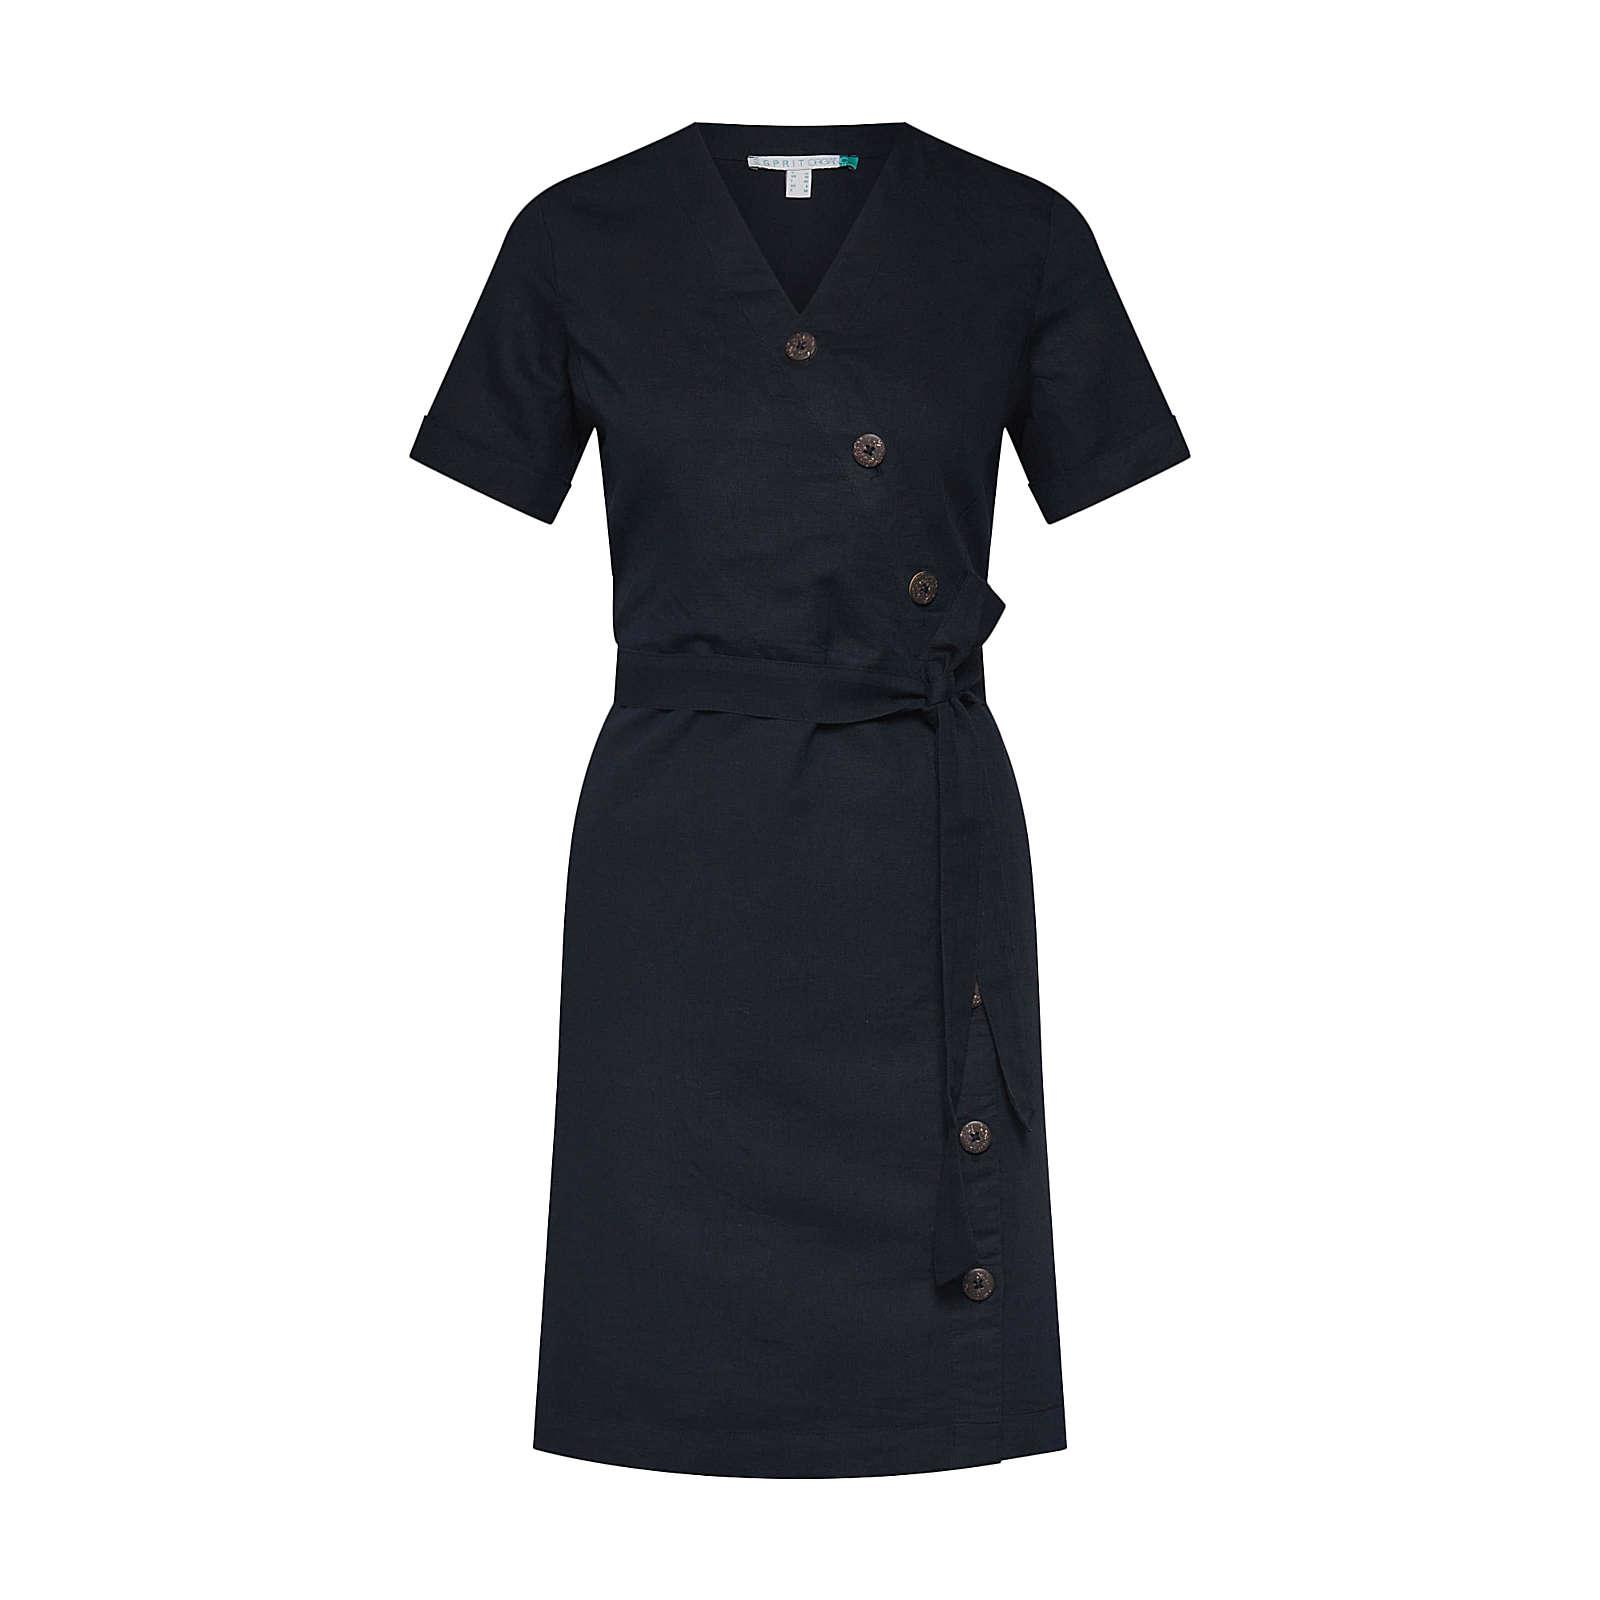 ESPRIT Blusenkleid Blusenkleider schwarz Damen Gr. 34